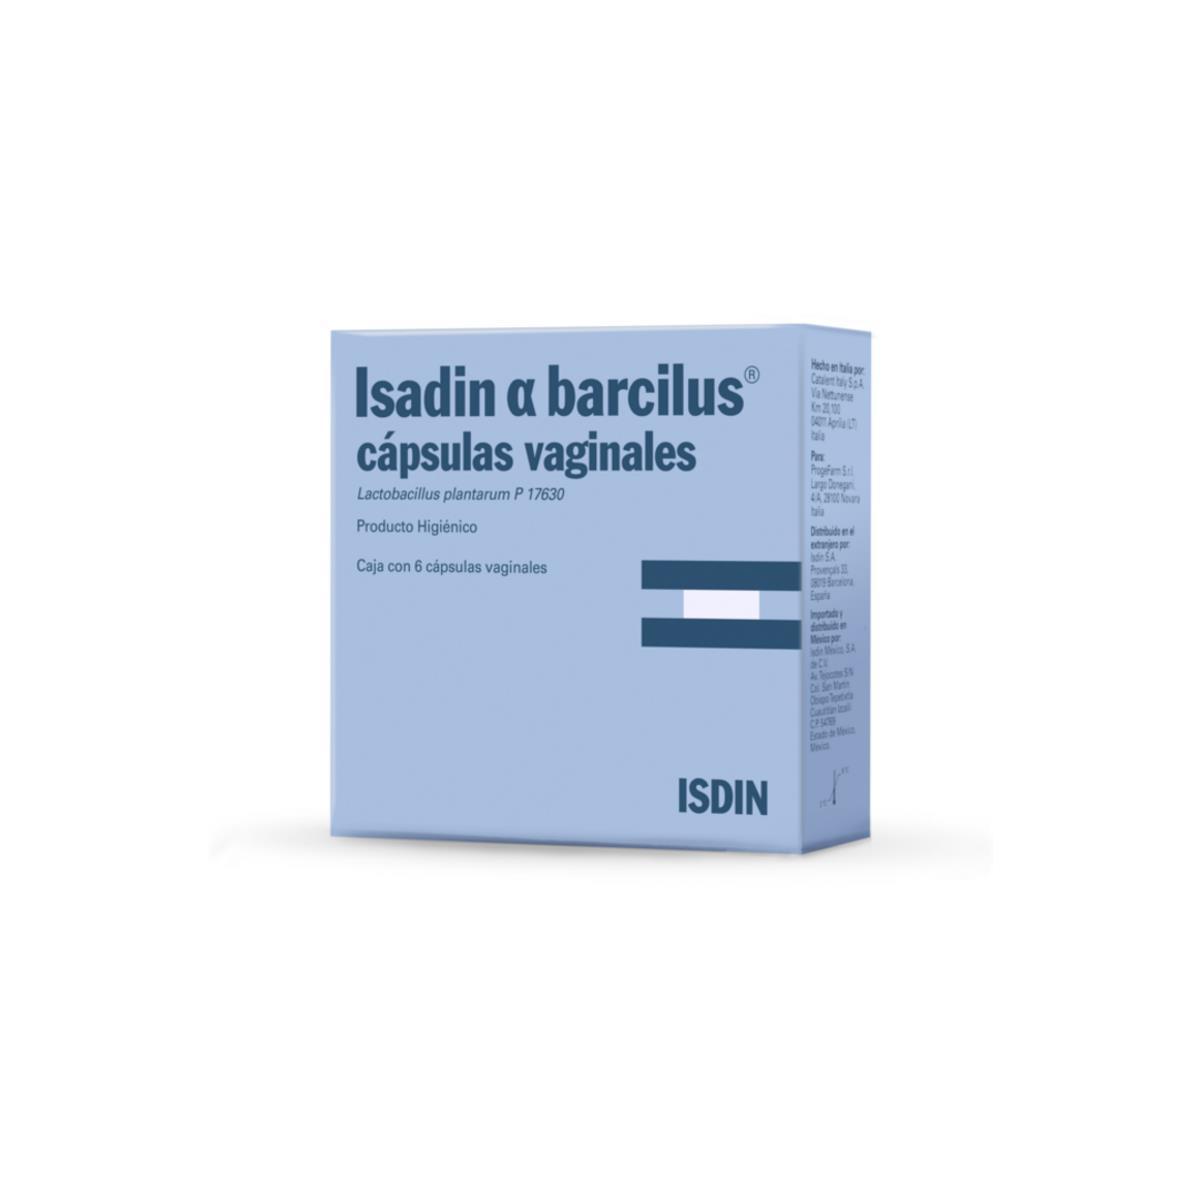 Isadin A Barcilus Capsulas Vaginales